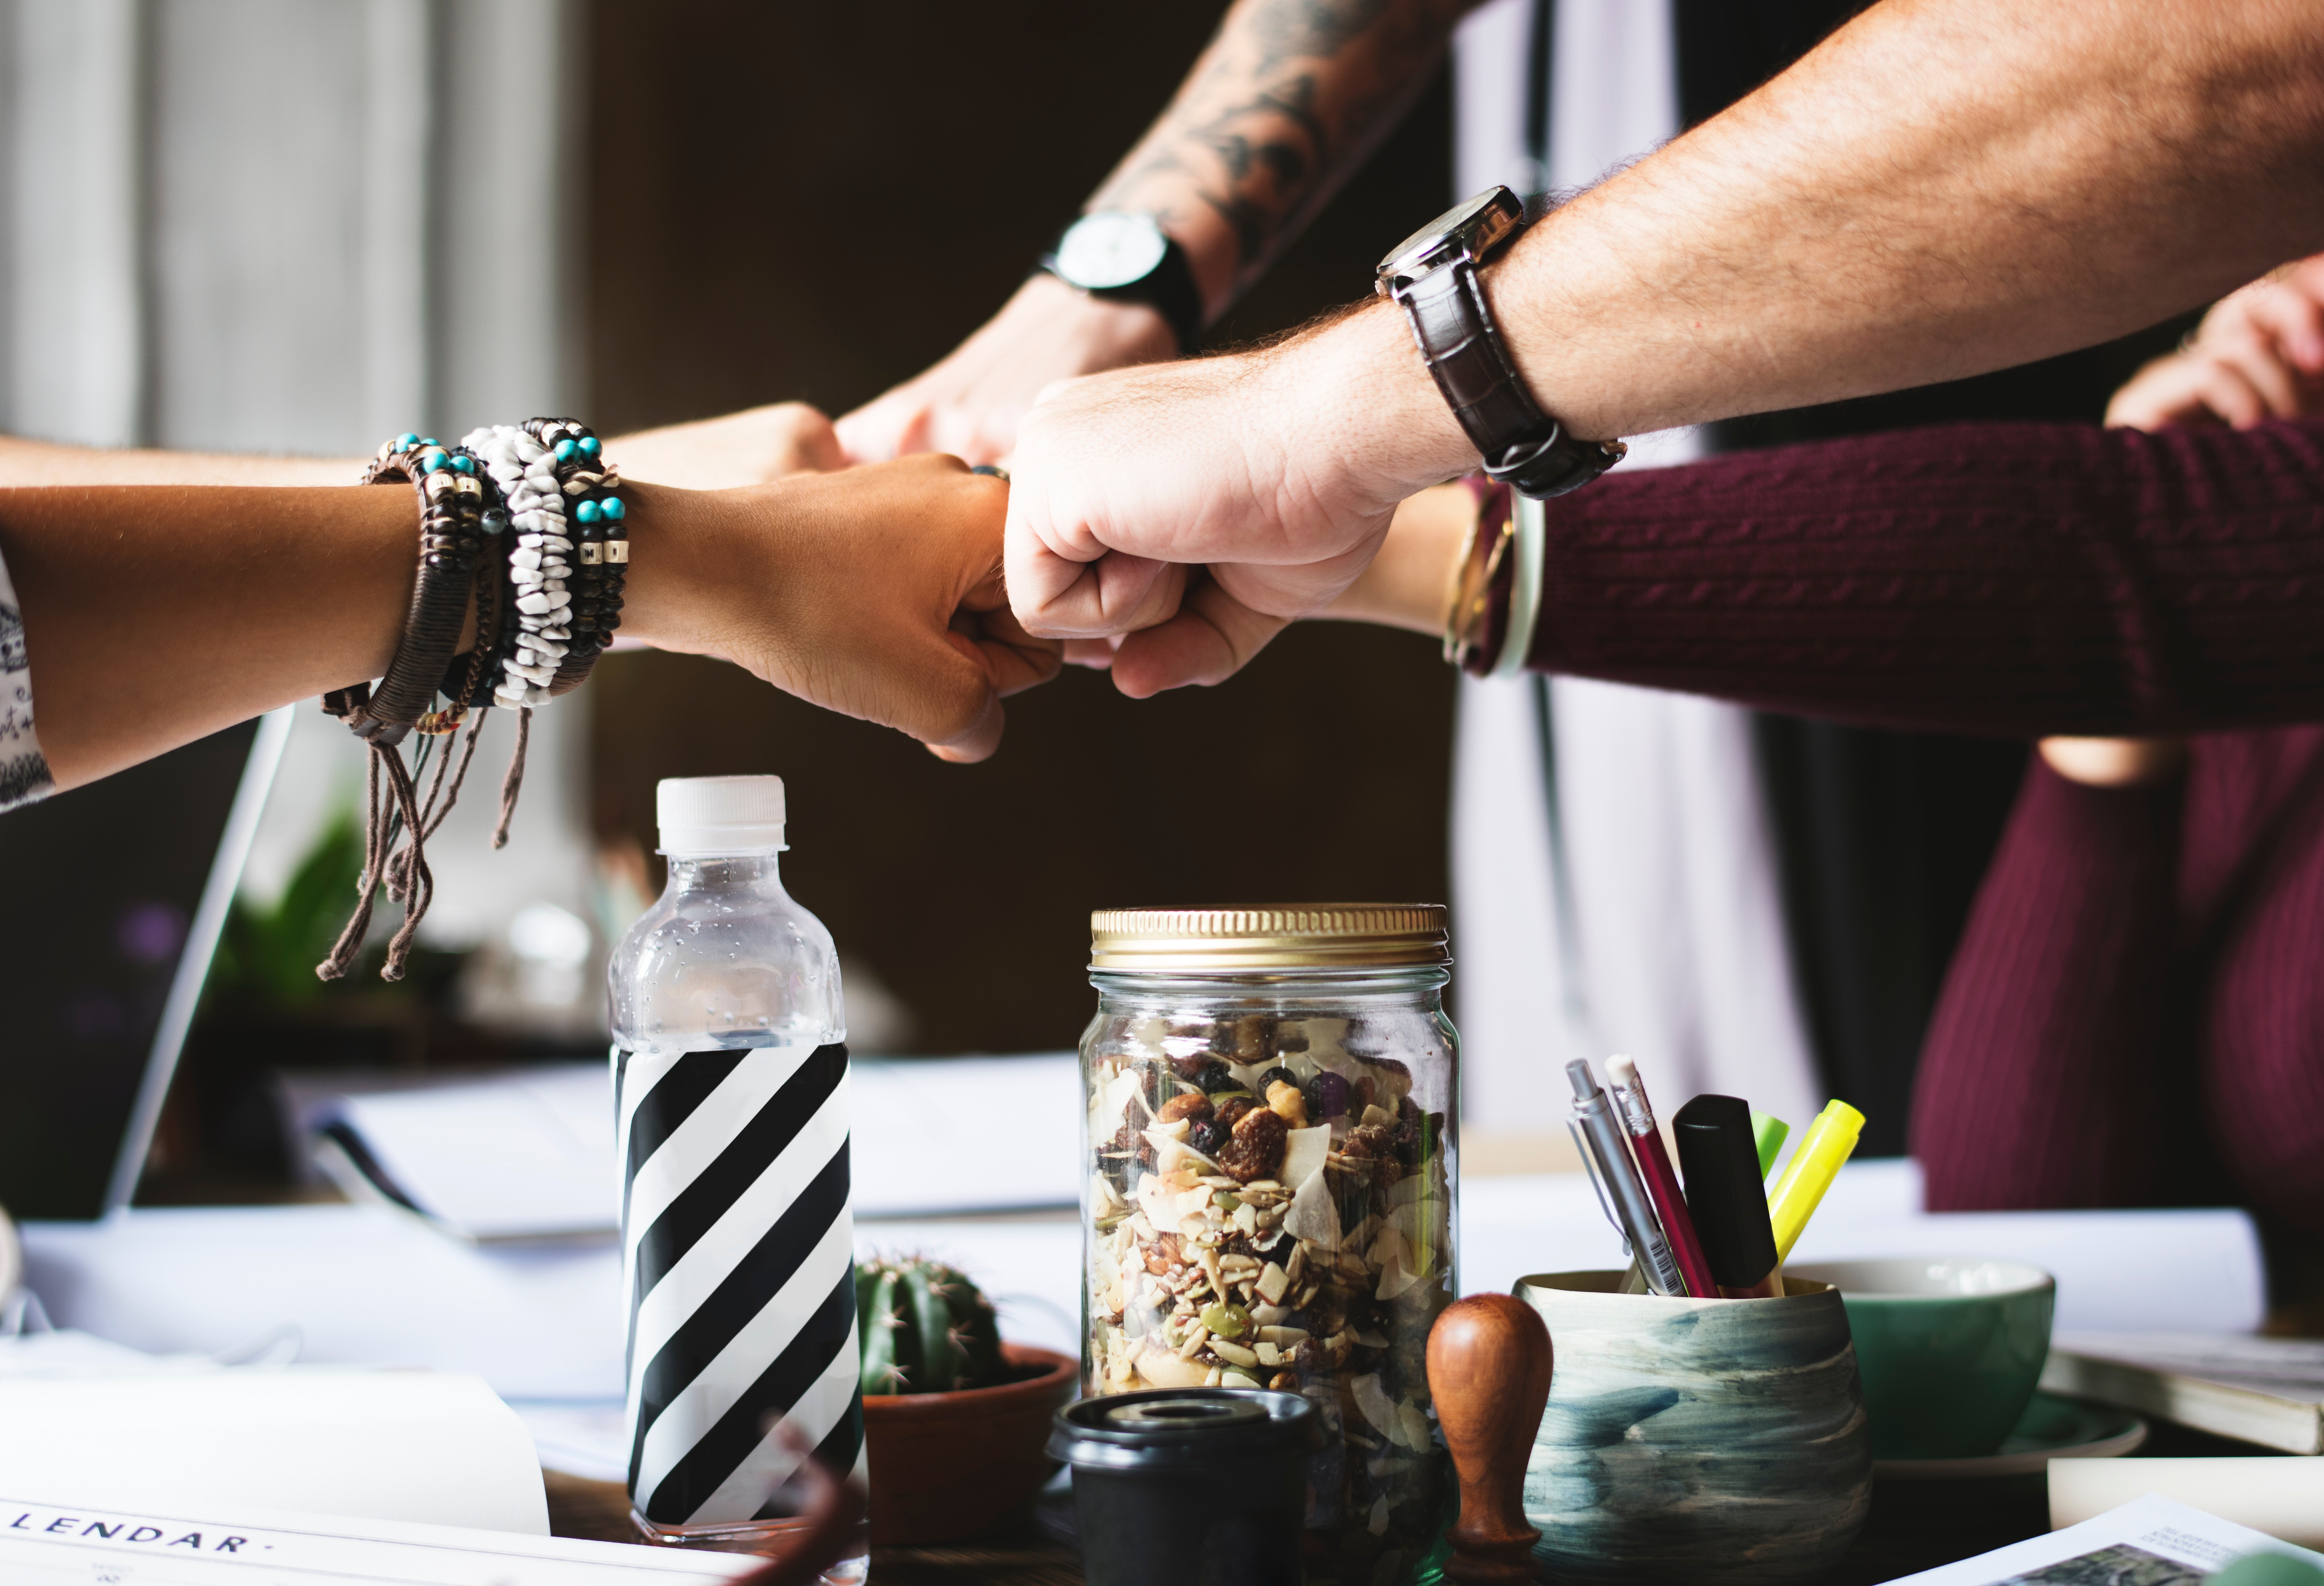 6 Keys To Building High Performing Teams